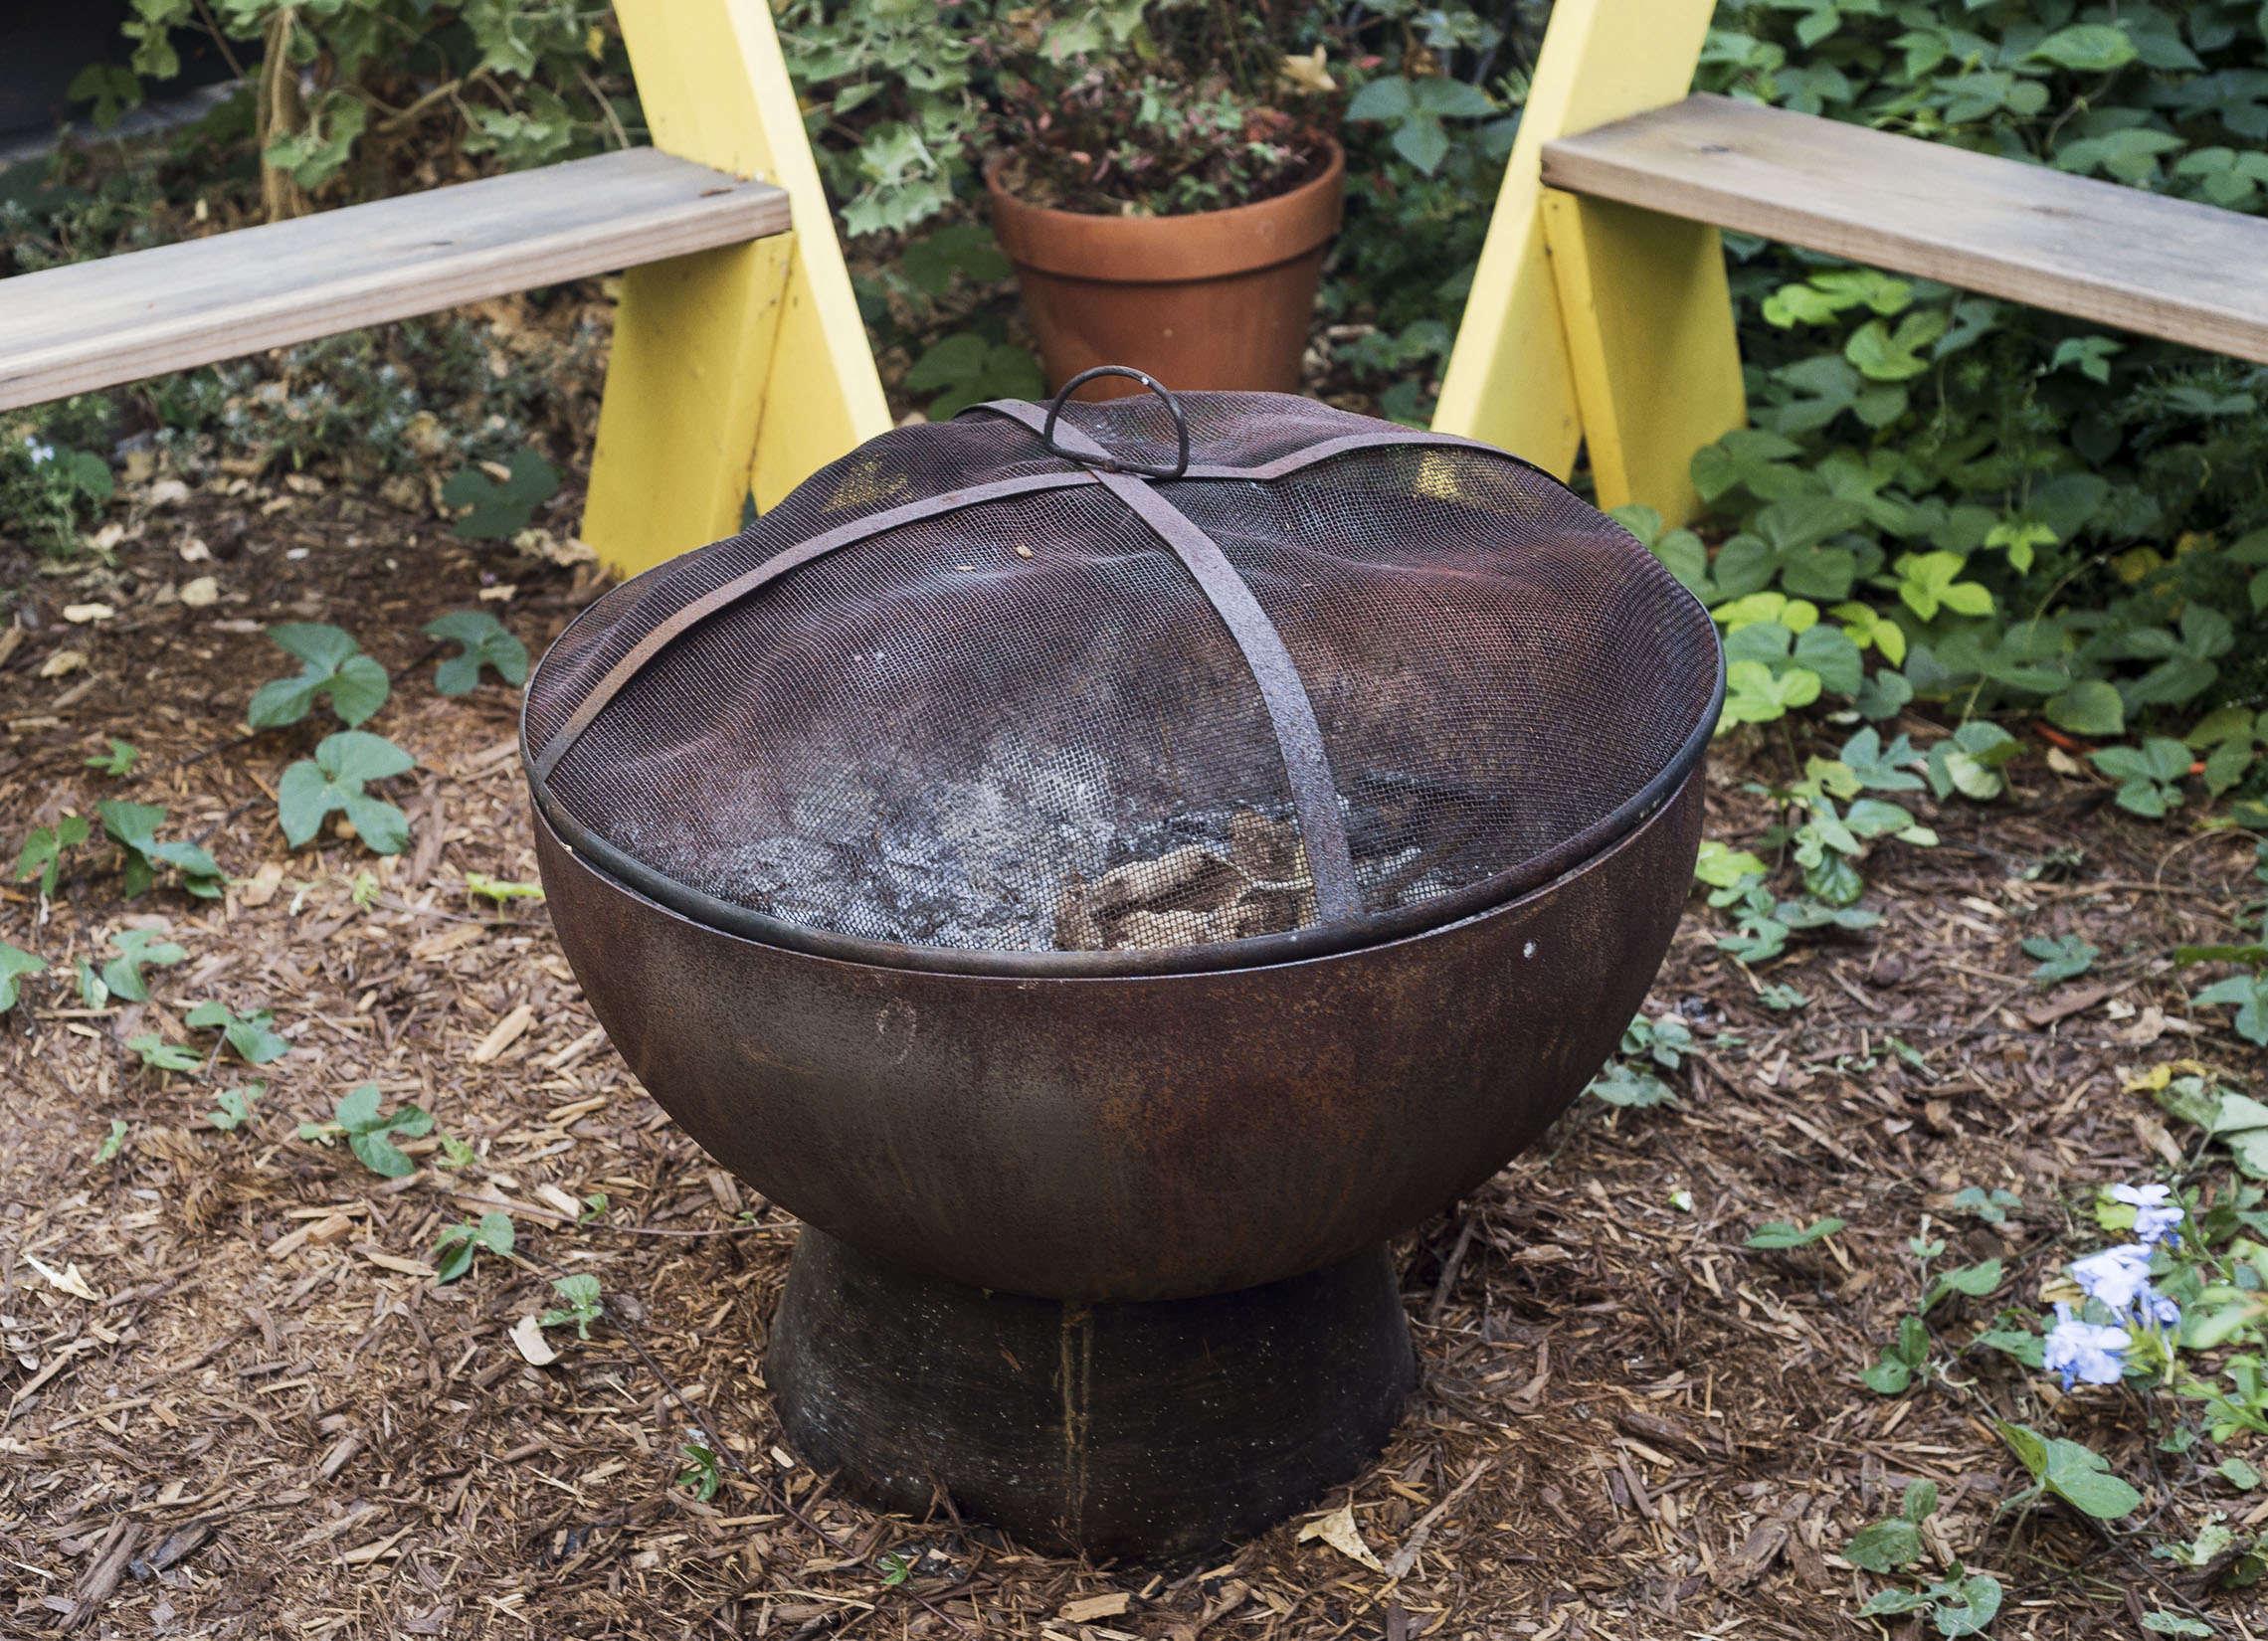 klein-garden-mission-san-francisco-gardenista-fire-pit